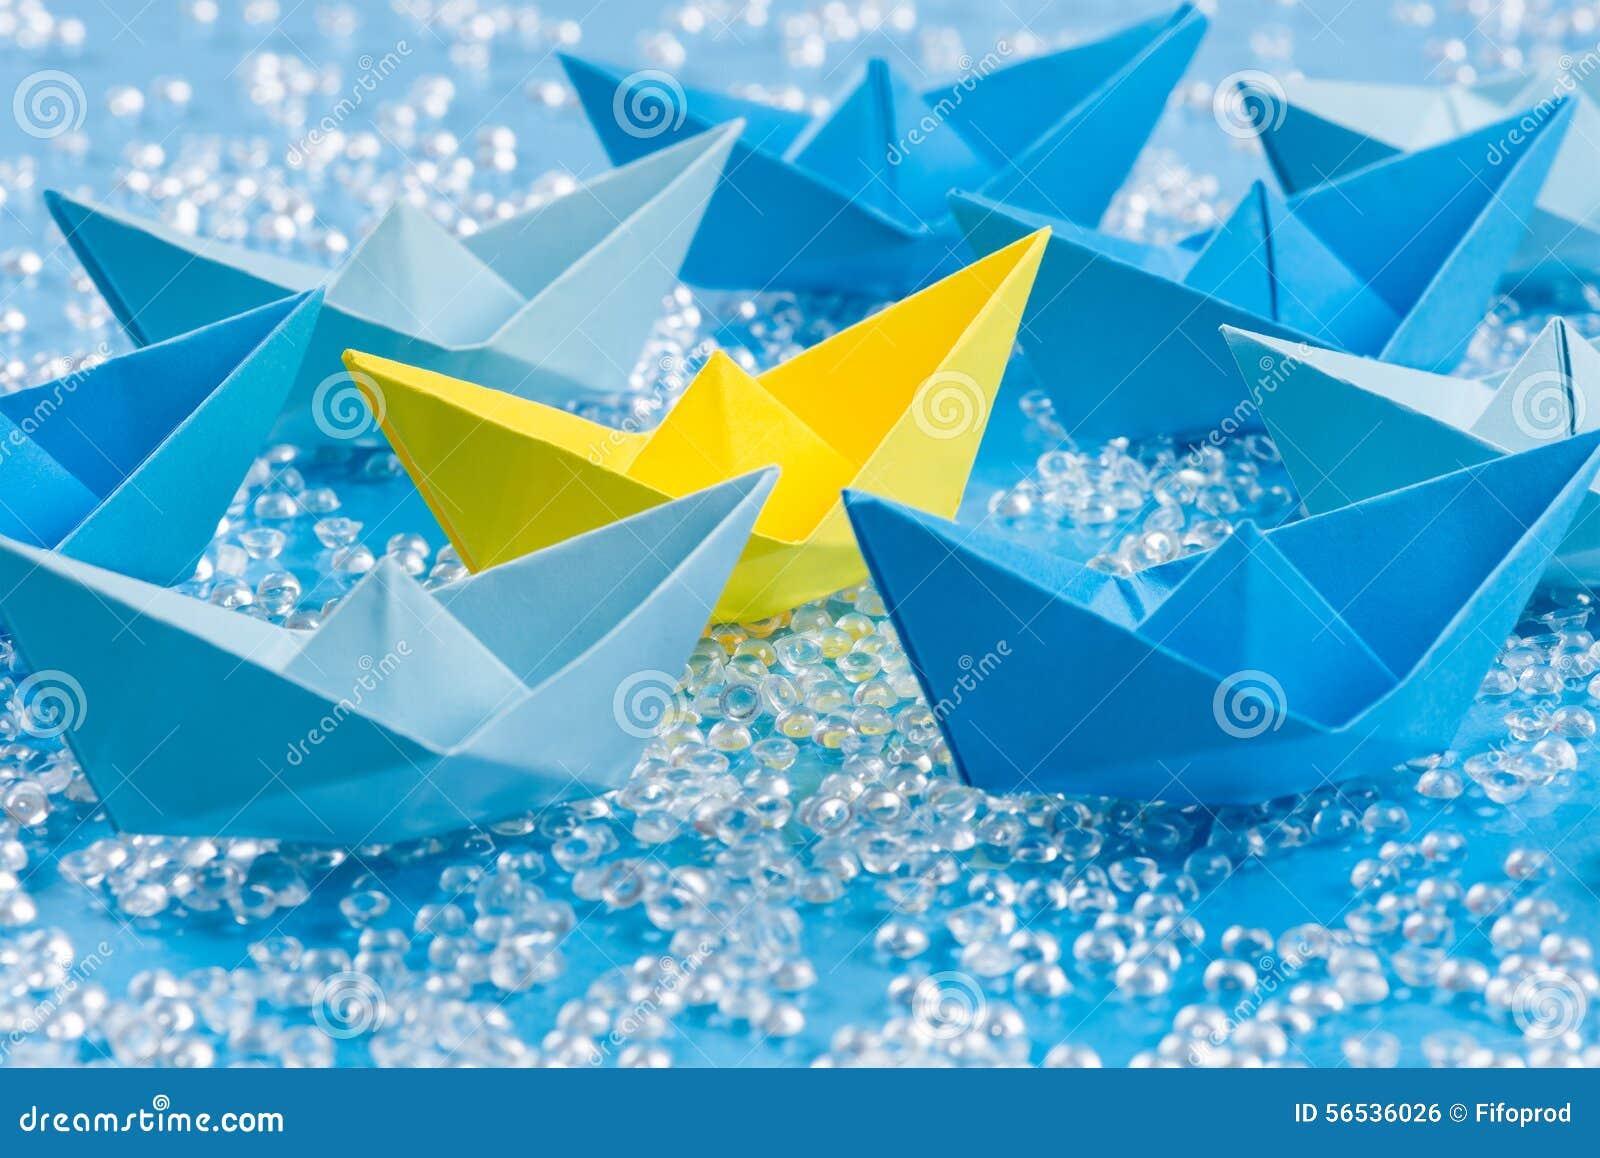 Στόλος των μπλε σκαφών εγγράφου Origami στο μπλε νερό όπως το υπόβαθρο που περιβάλλει ένα κίτρινο